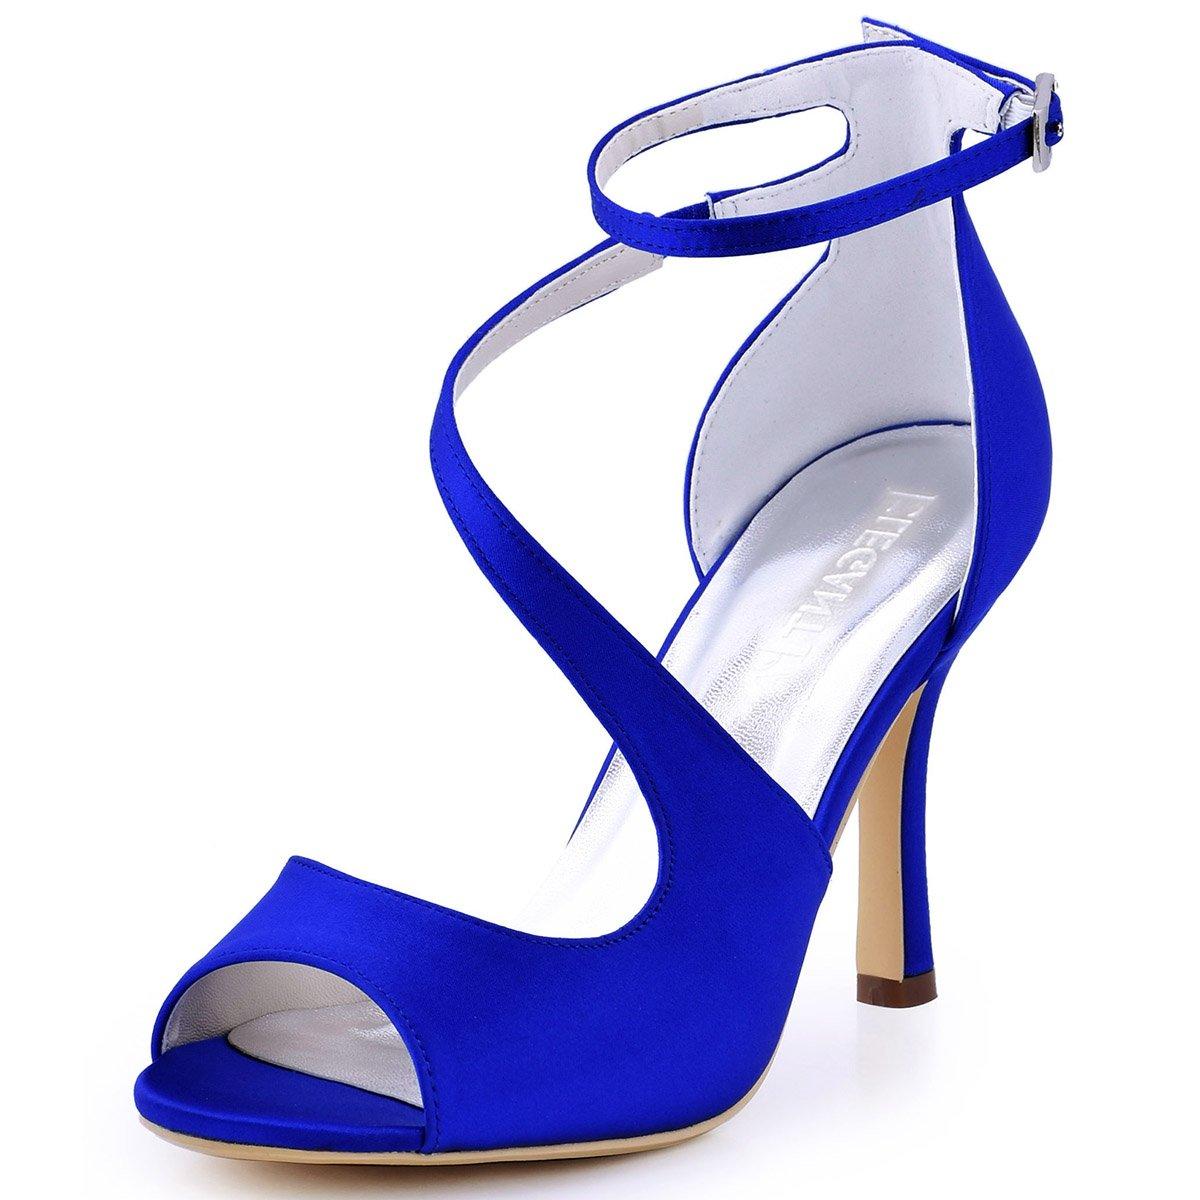 ElegantPark HP1505 Escarpins Femme Bout Ouvert Satin Femme Diamant Btide Cheville Sandales Boucle Sandales Chaussures de mariee Bal Satin Bleu 0390014 - boatplans.space